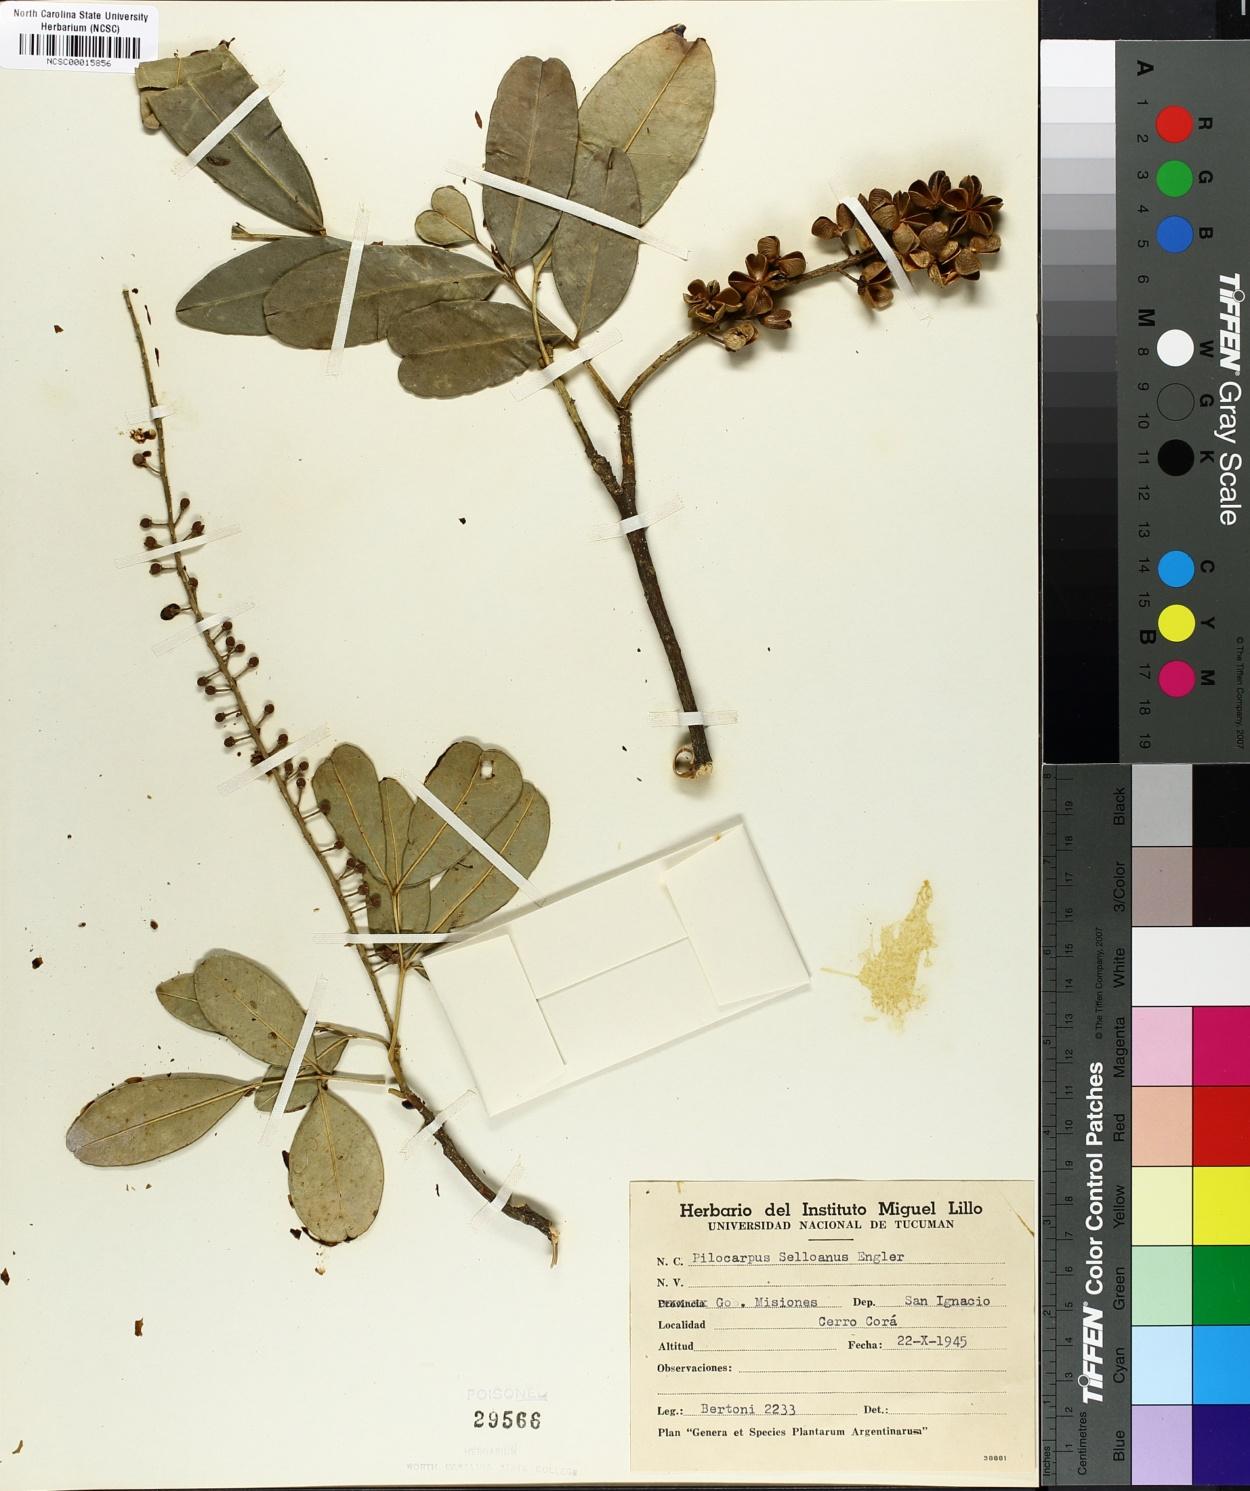 Pilocarpus selloanus image